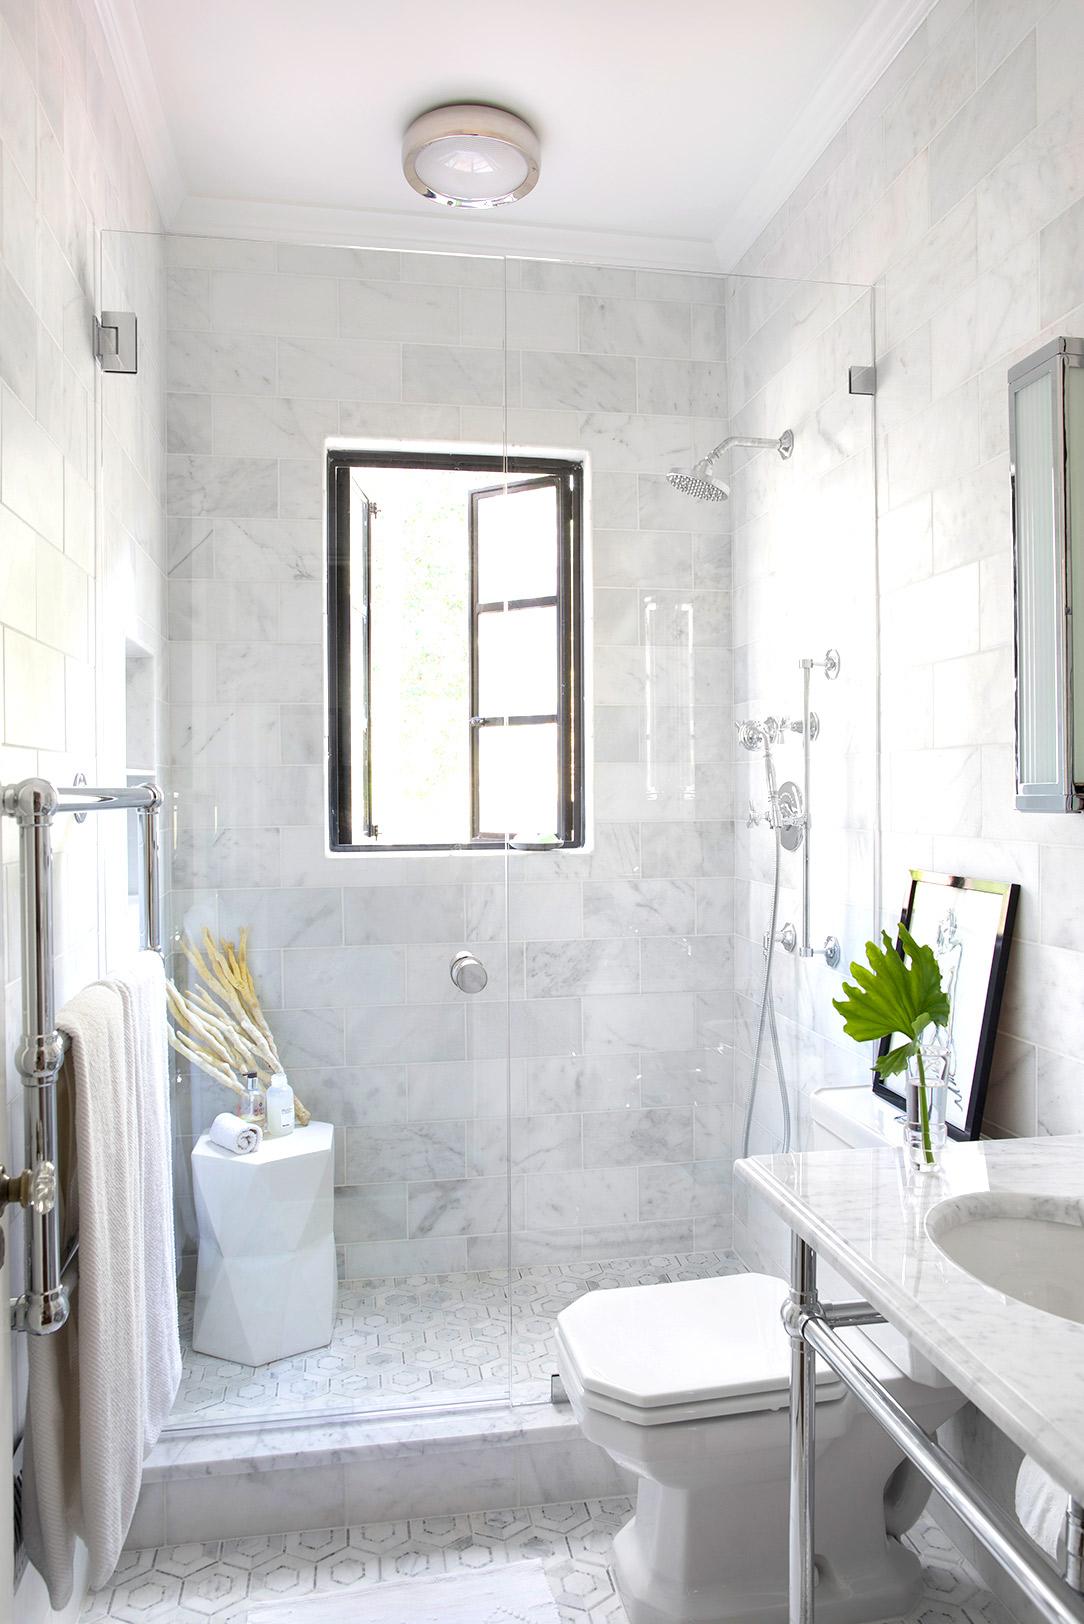 Bathroom Overhead Lighting Image Of